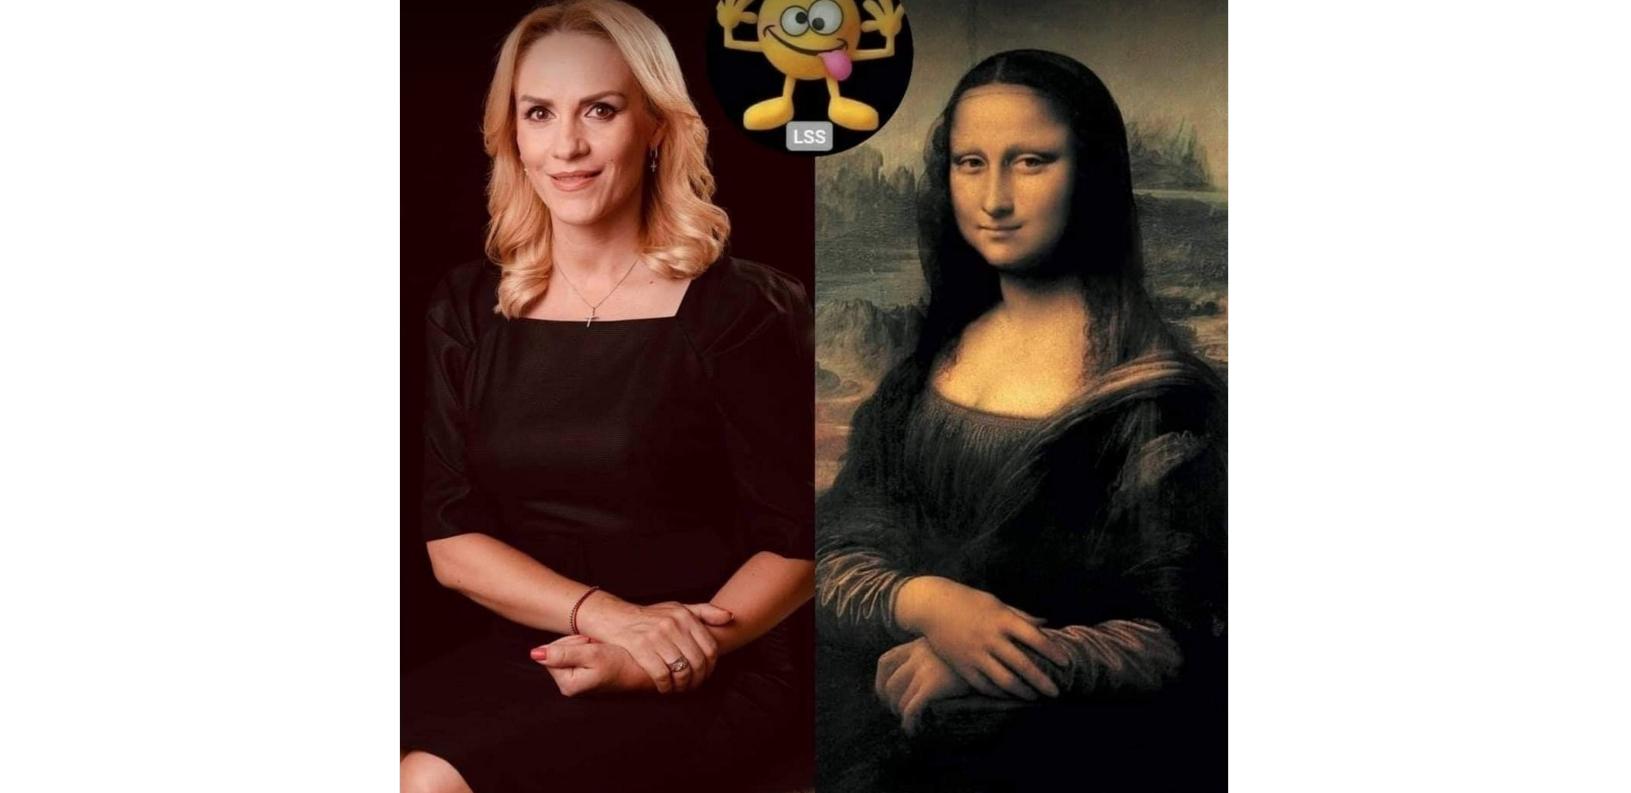 Mona Lița-n kur. Din orice unghhi o priveşti, i se vede sârma!